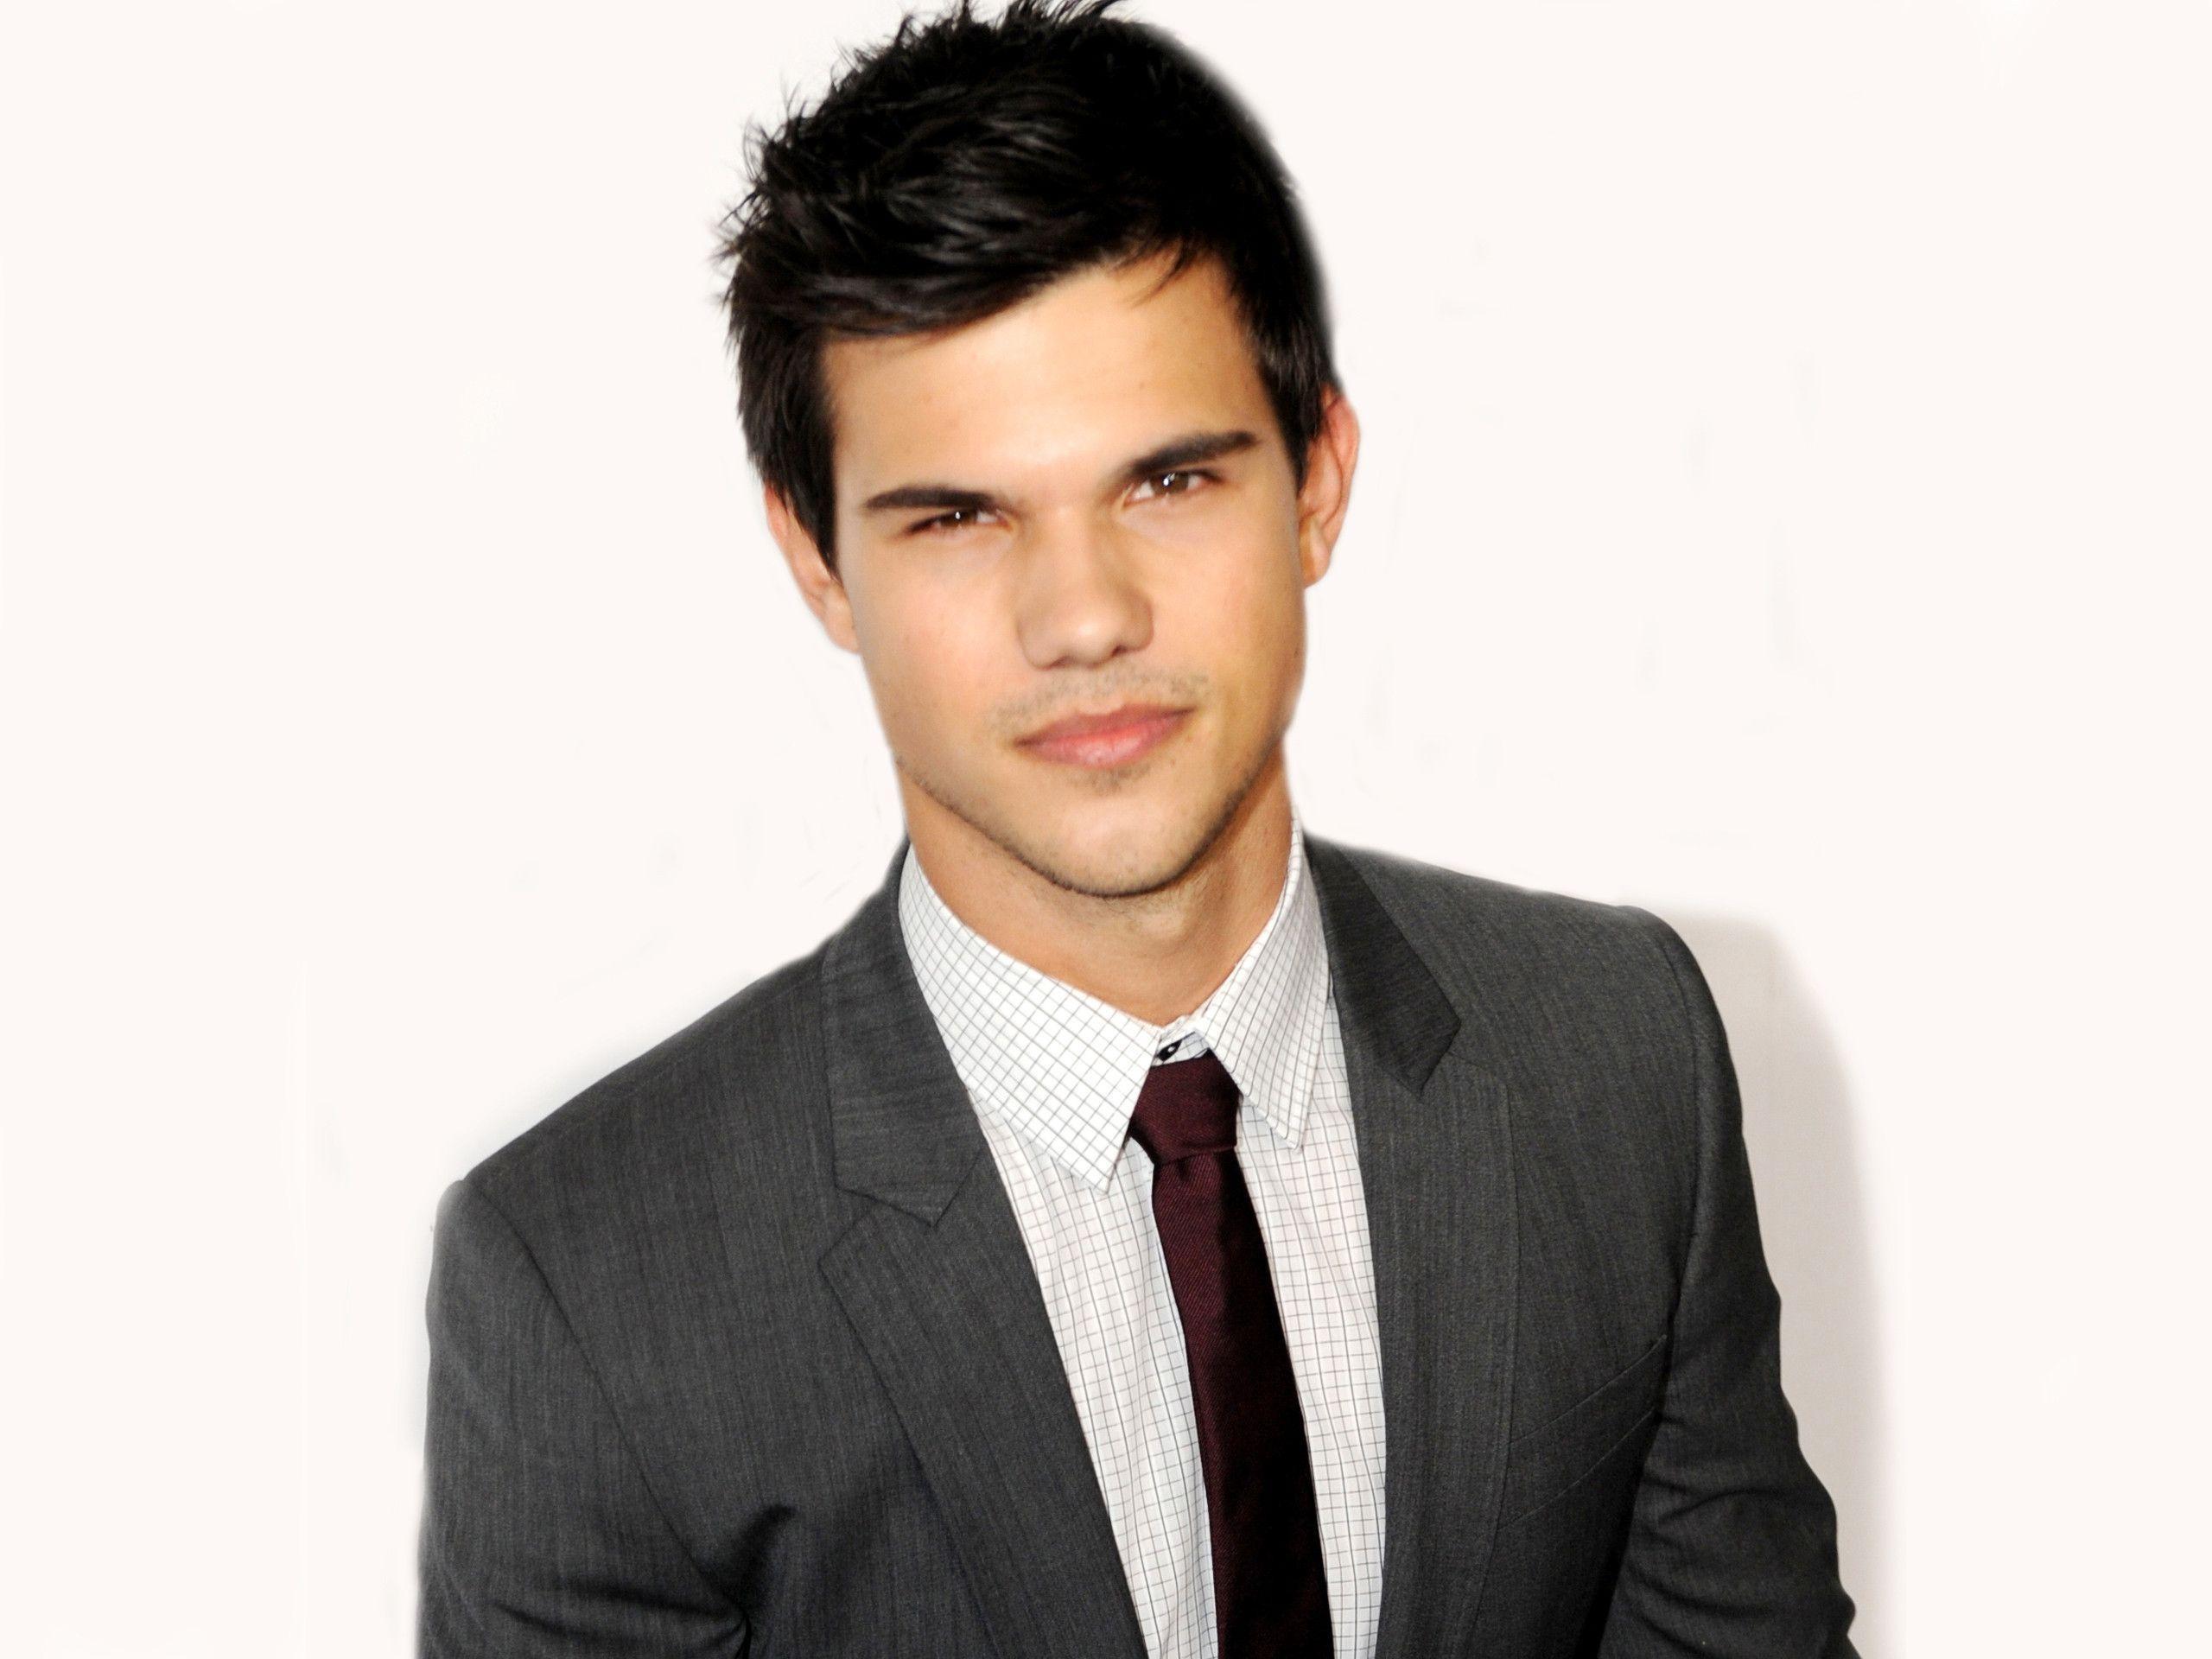 Taylor Lautner Wallpaper For Desktop Desktop Wallpapers | Top .